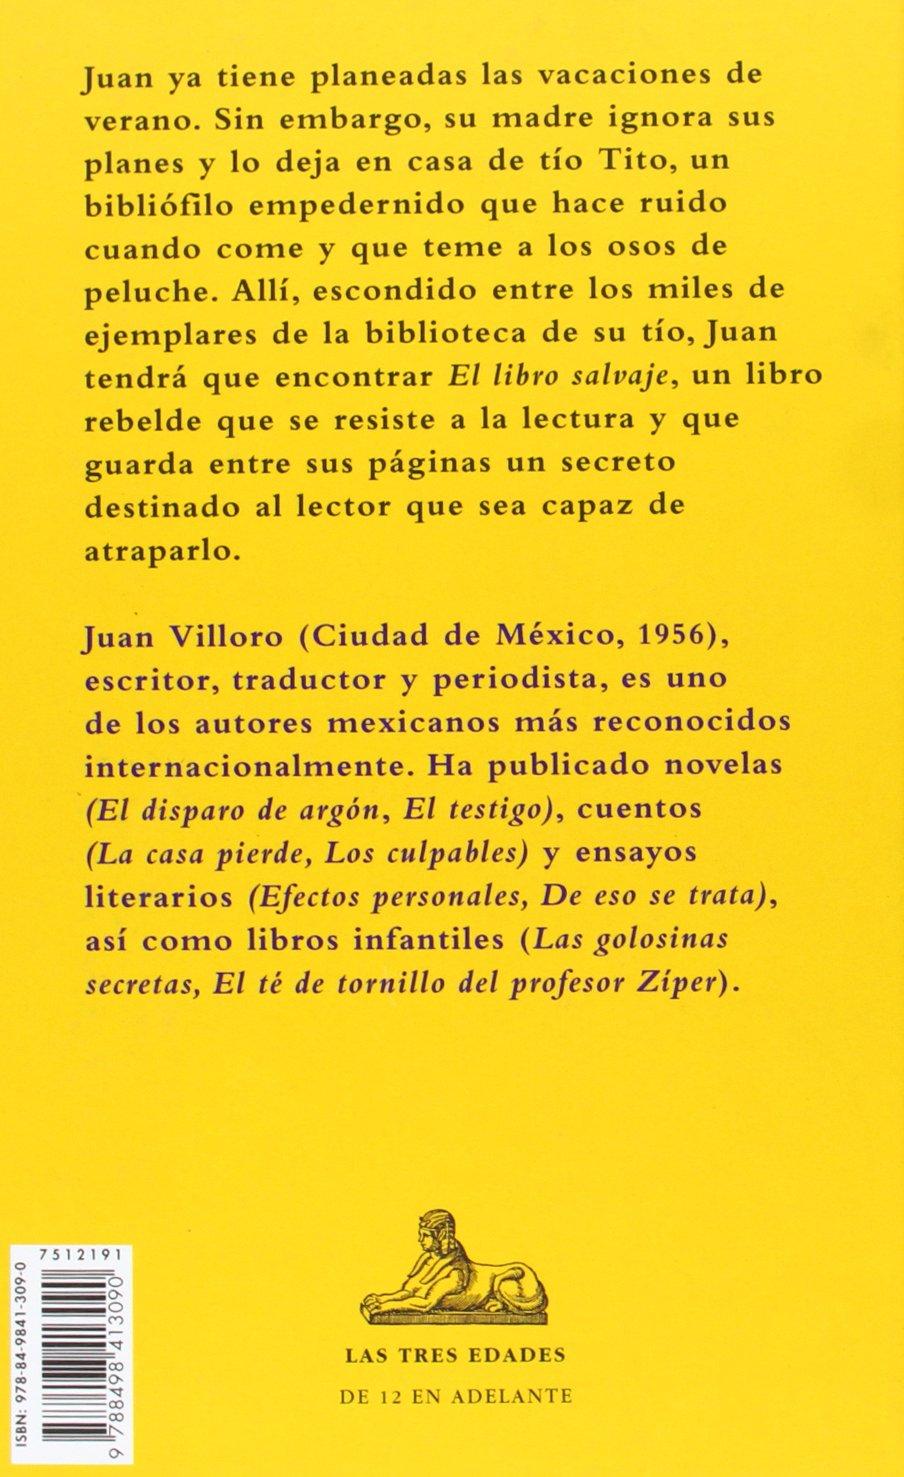 El libro salvaje (Las tres edades / The Three Ages) (Spanish Edition): Juan Villoro: 9788498413090: Amazon.com: Books